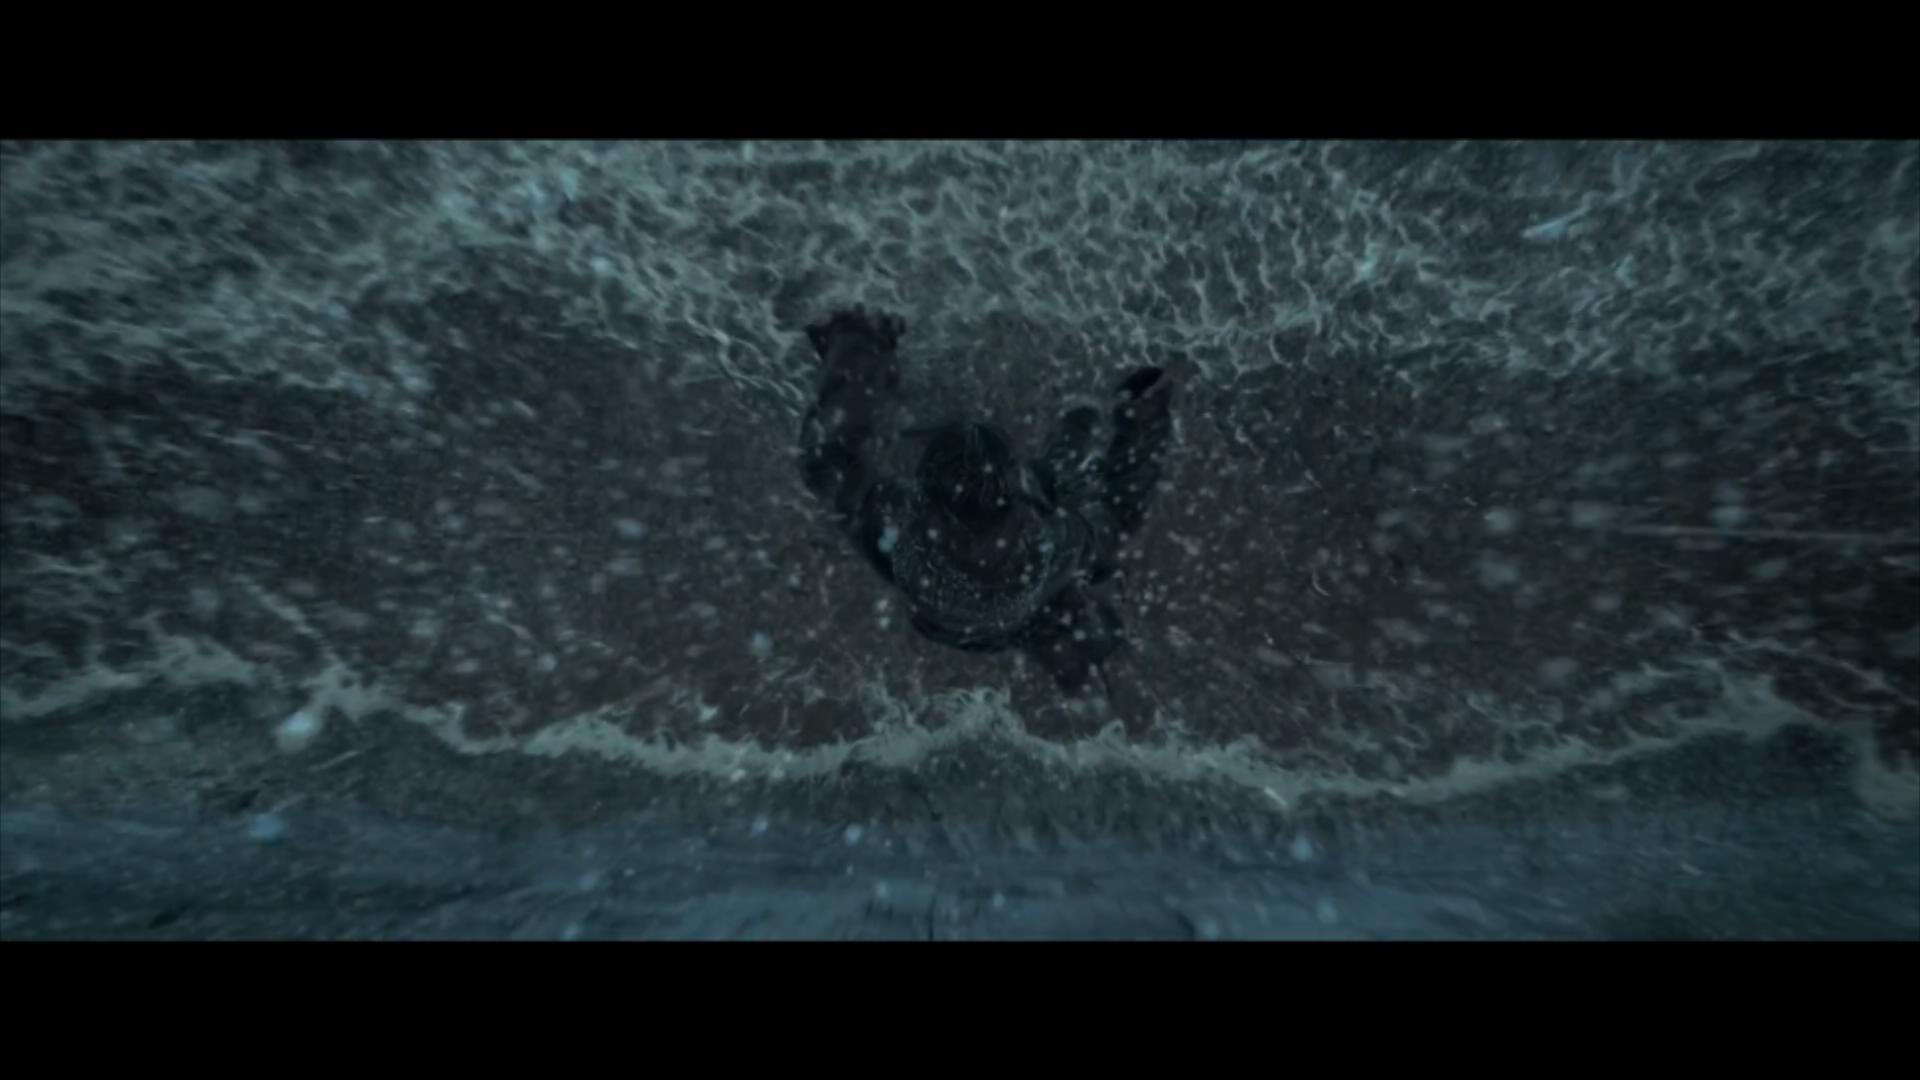 2018《阿尔法:狼伴归途》2700字,7分钟剧情解说稿-第3张图片